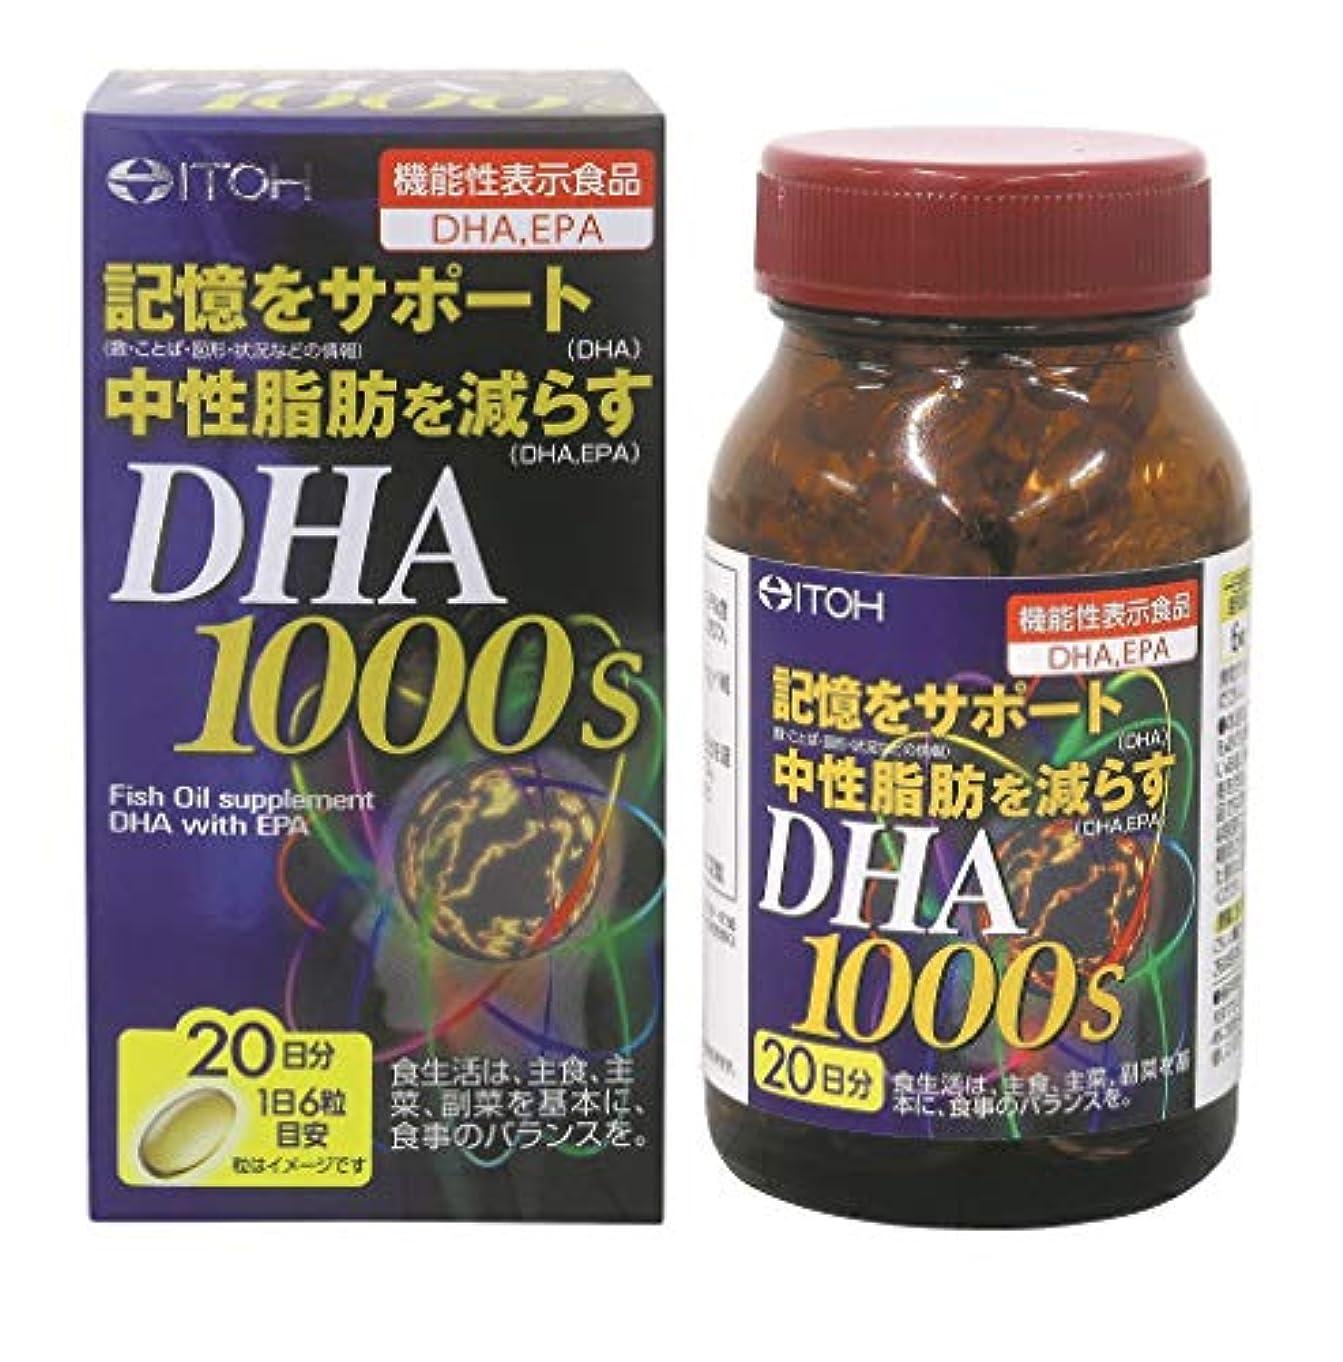 角度レイアルート井藤漢方製薬 DHA1000 約20日分 120粒